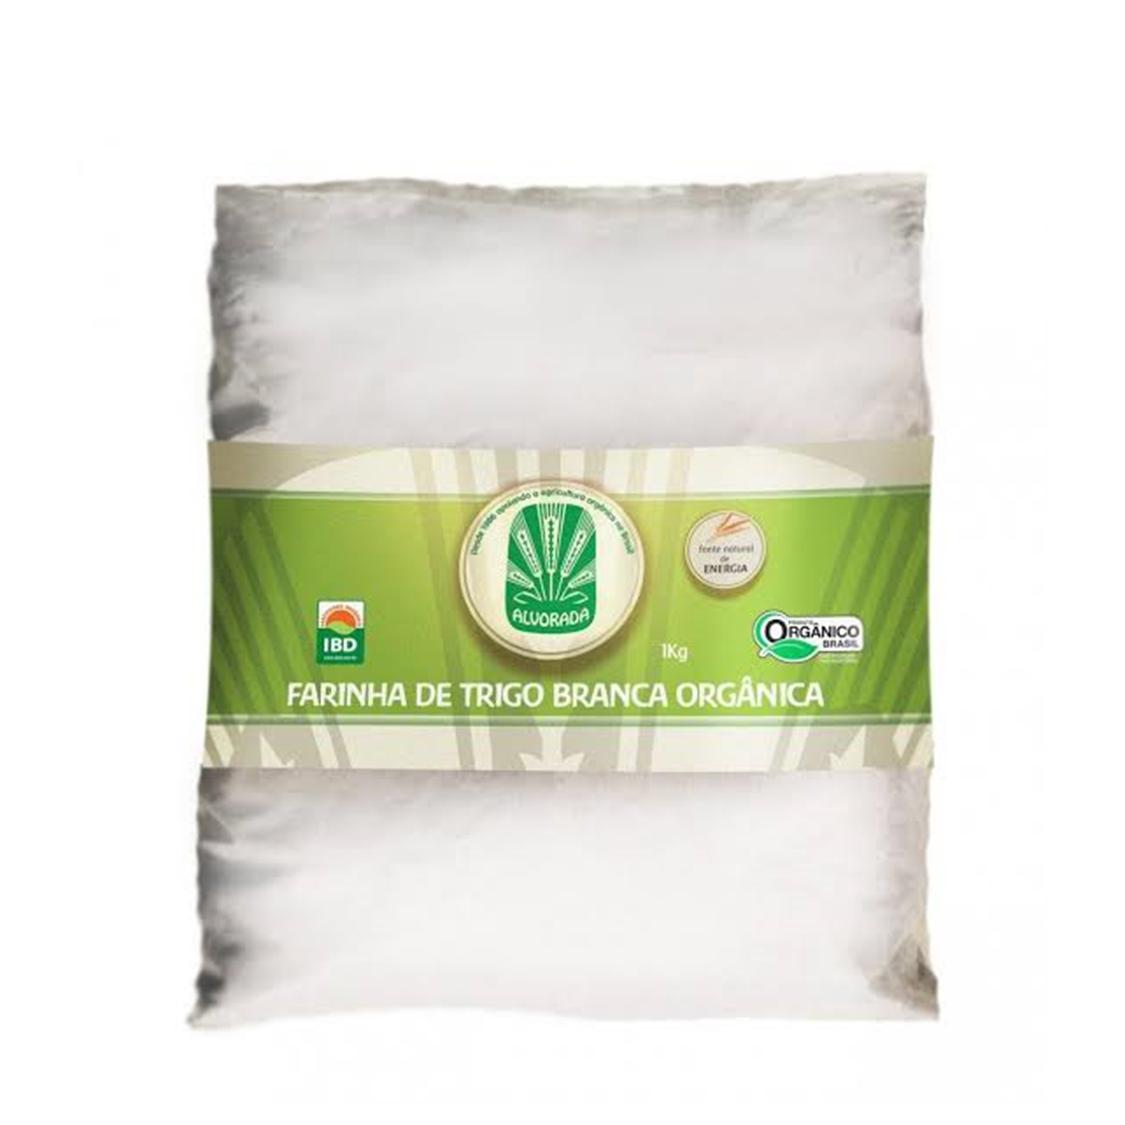 Farinha de Trigo Branca (1Kg) – Alvorada